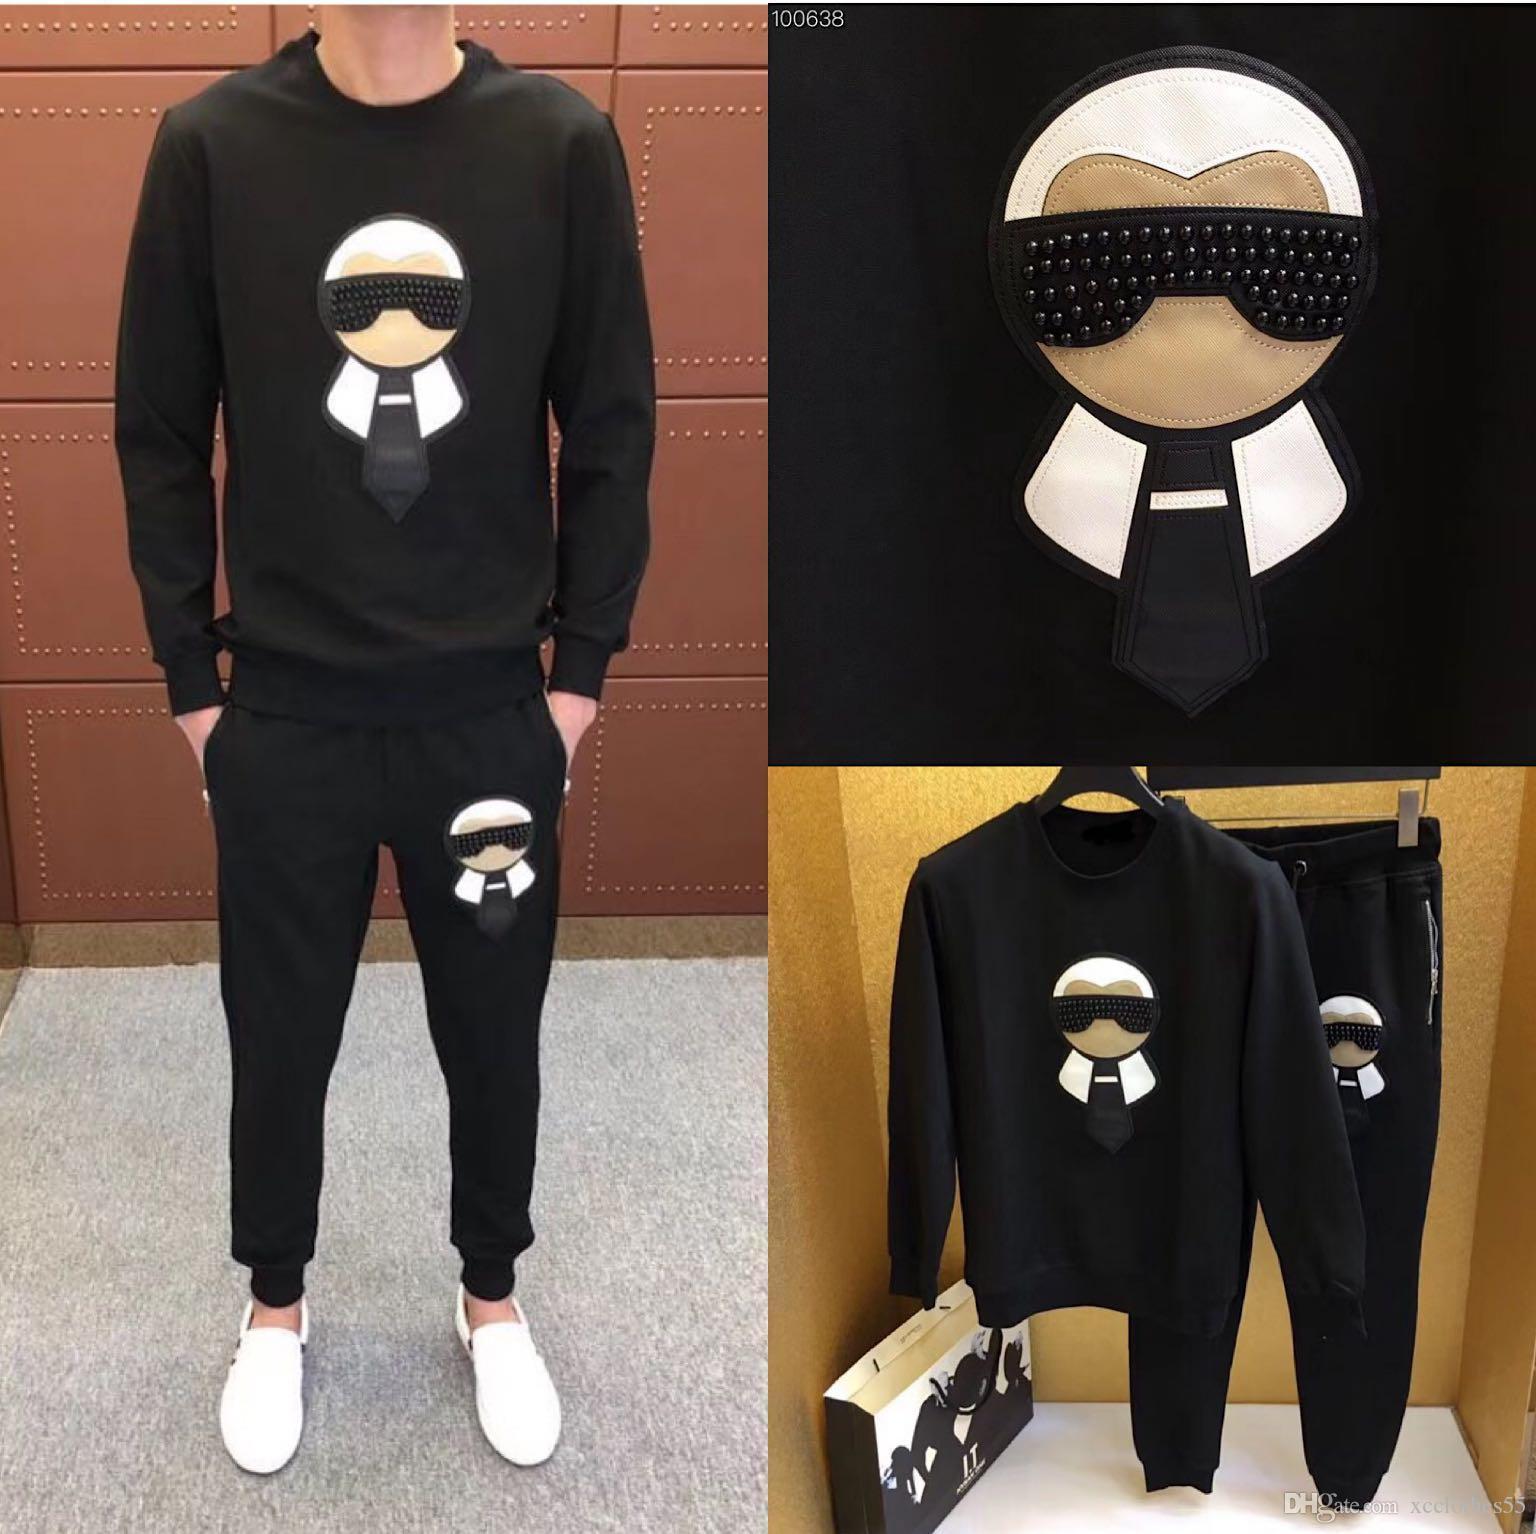 2019 otoño hombre de la moda traje ropa de manga larga para hombre del diseñador chándales de Calle de dos piezas suéter de deporte tamaño M-3XL